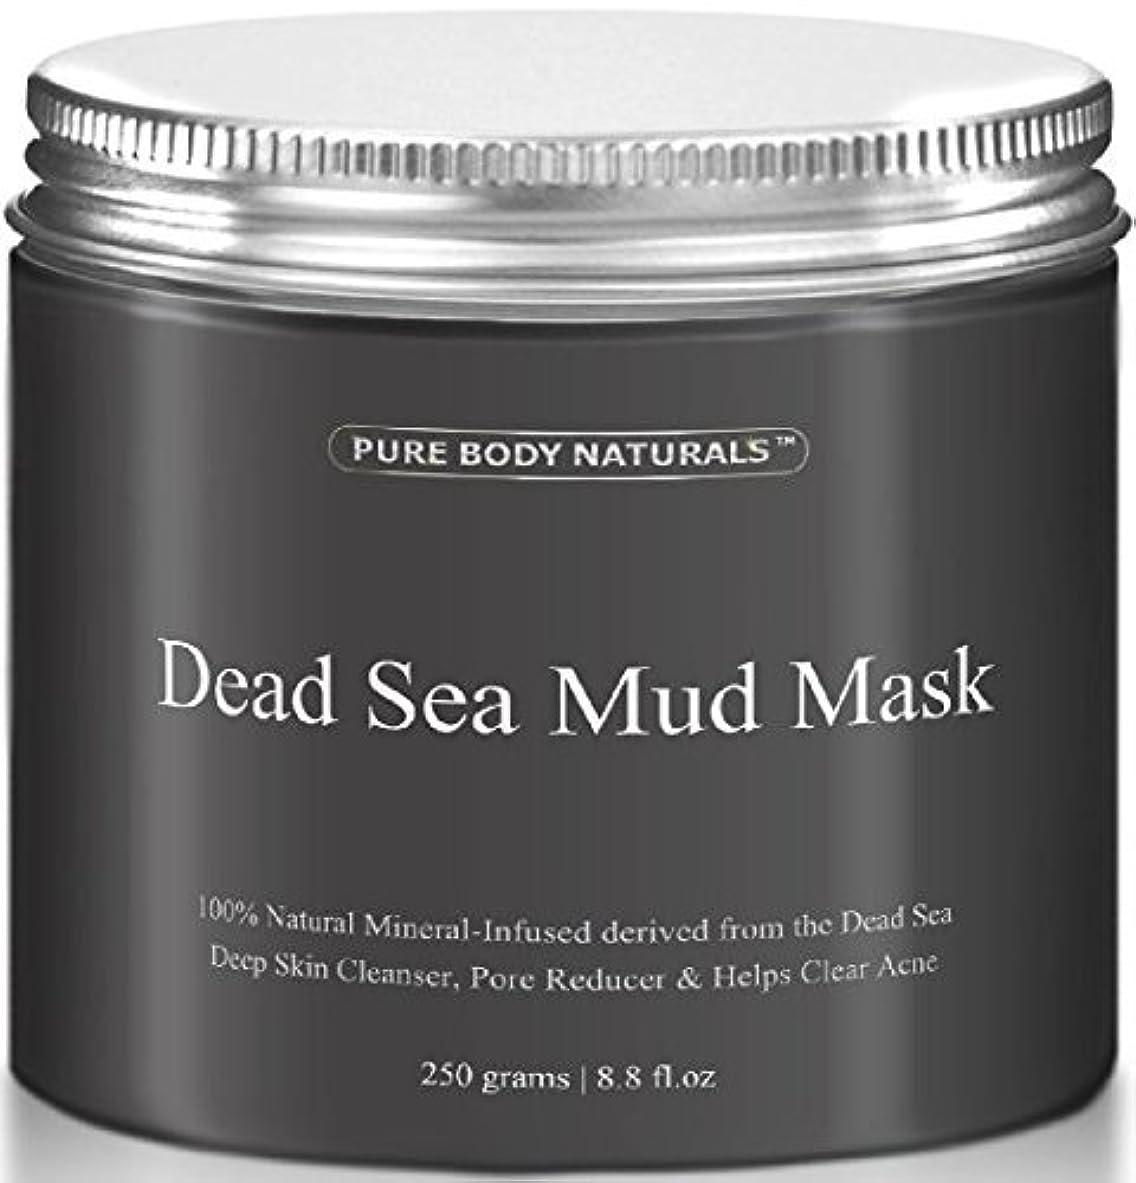 光沢やりがいのある空白Dead Sea Mud Mask 死海の泥マスク 250g [並行輸入品]